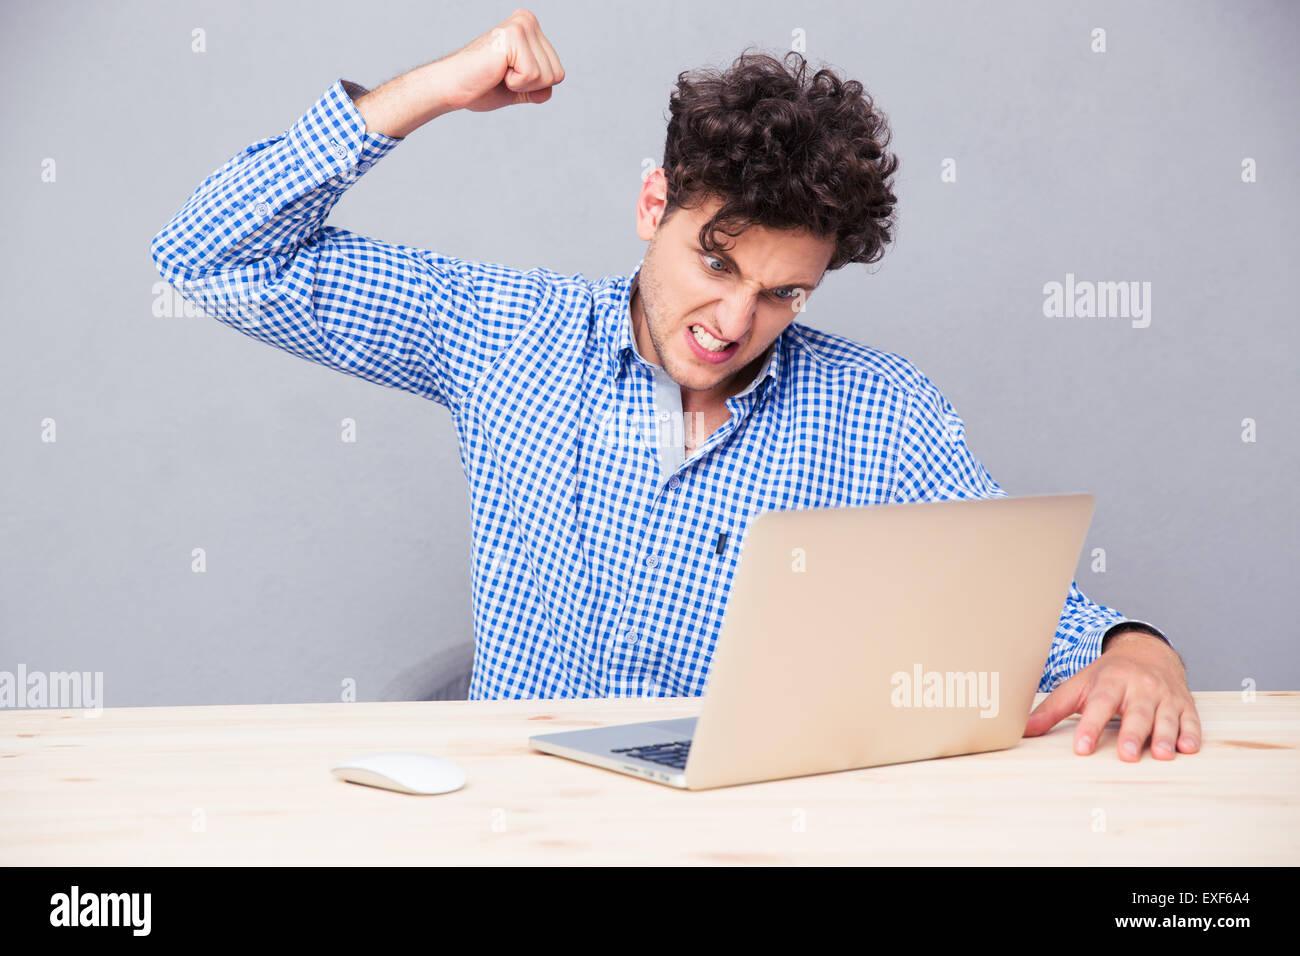 El hombre enojado sentado a la mesa con el portátil sobre fondo gris Imagen De Stock